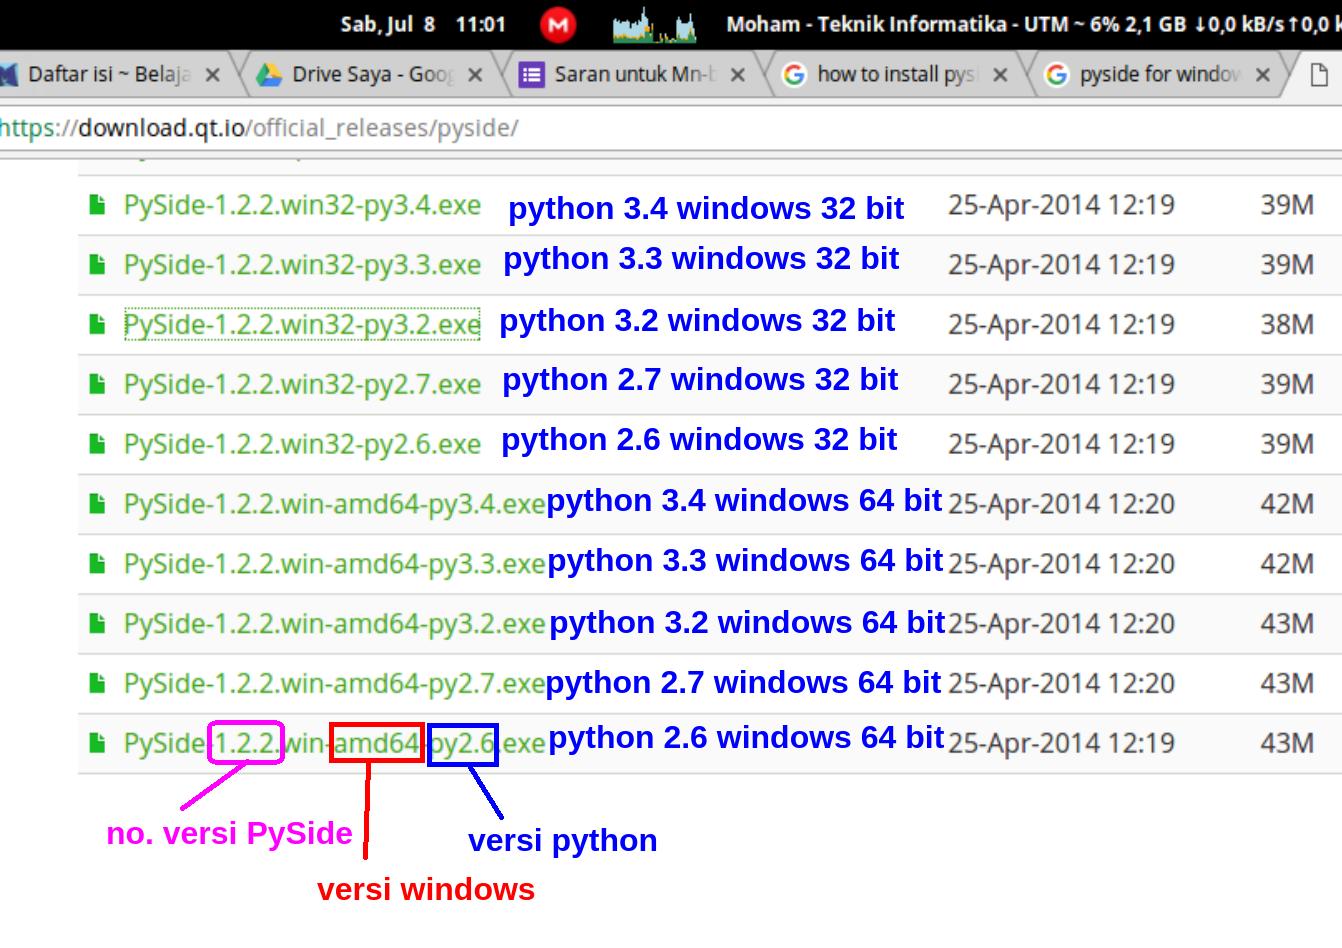 Cara Install Pyside Di Windows Dengan Mudah Belajar Python